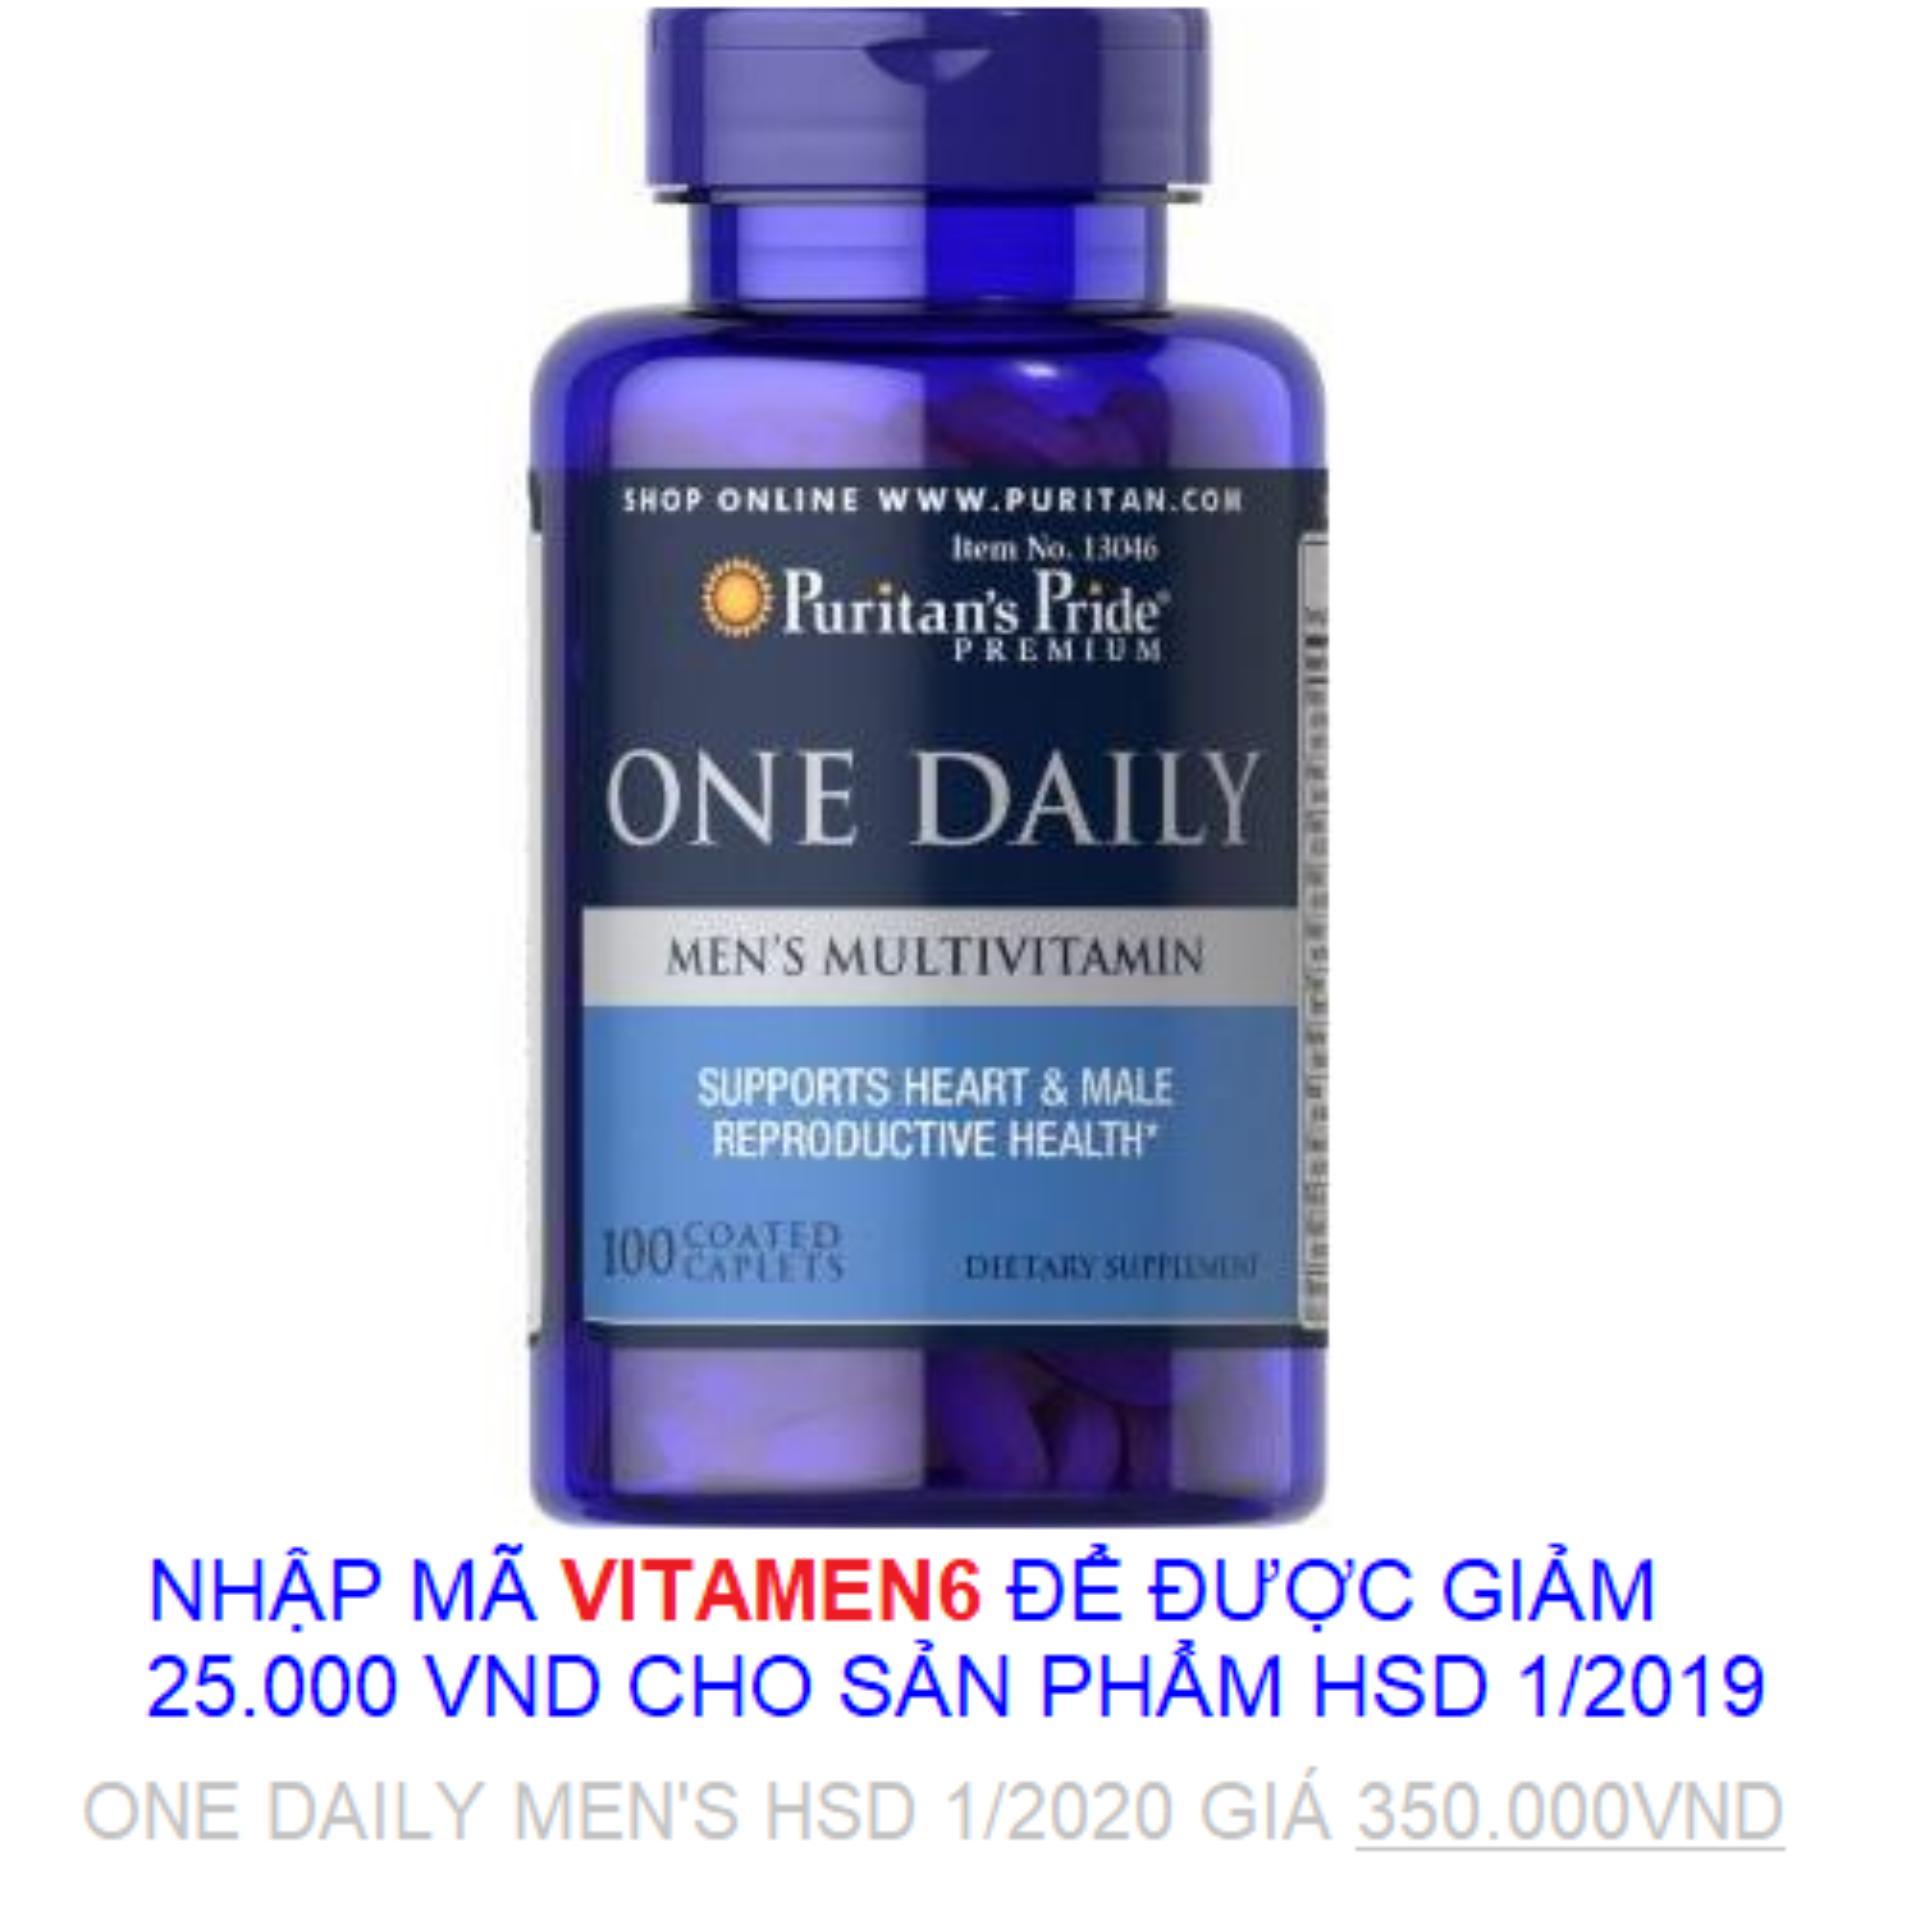 Hình ảnh Tăng cường sức khỏe cho nam giới Vitamin và khoáng chất cho nam giới Puritan's Pride One Daily Men's Multivitamin 100 viên